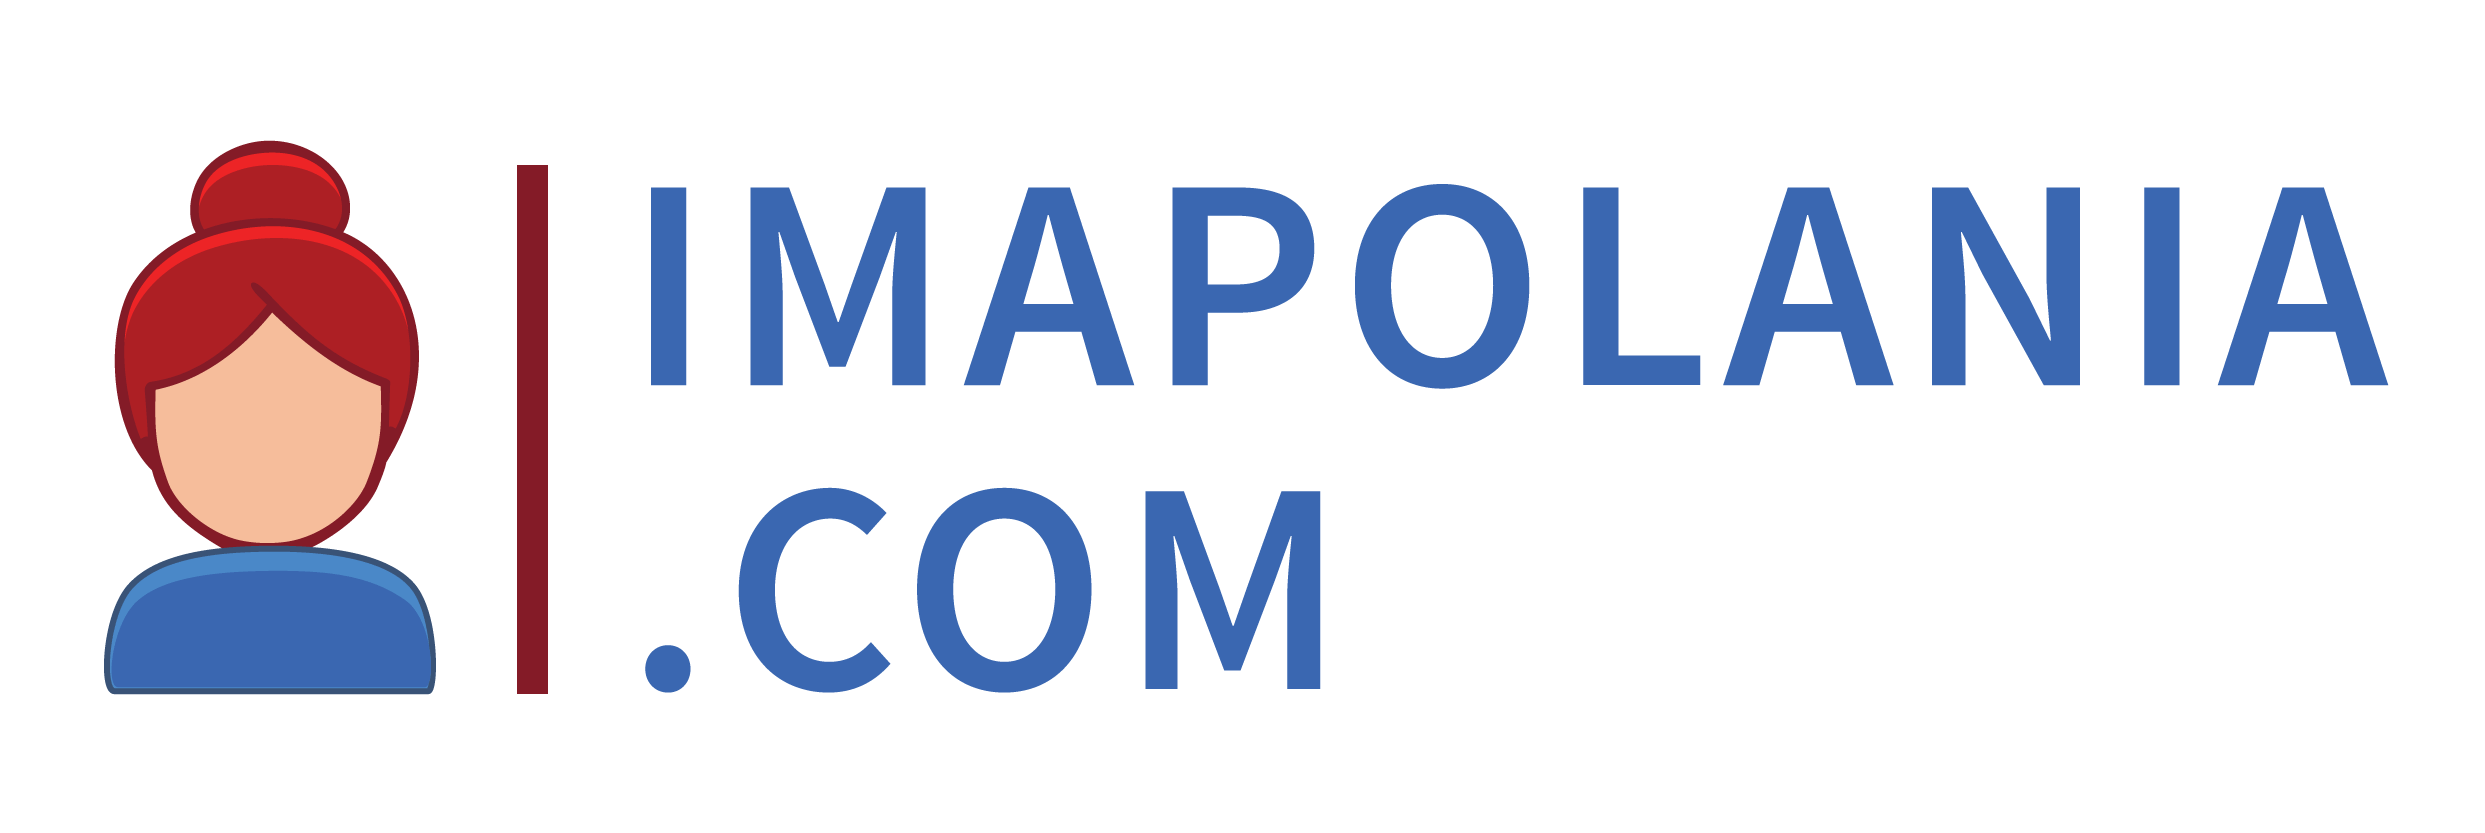 Imapolania.com logo